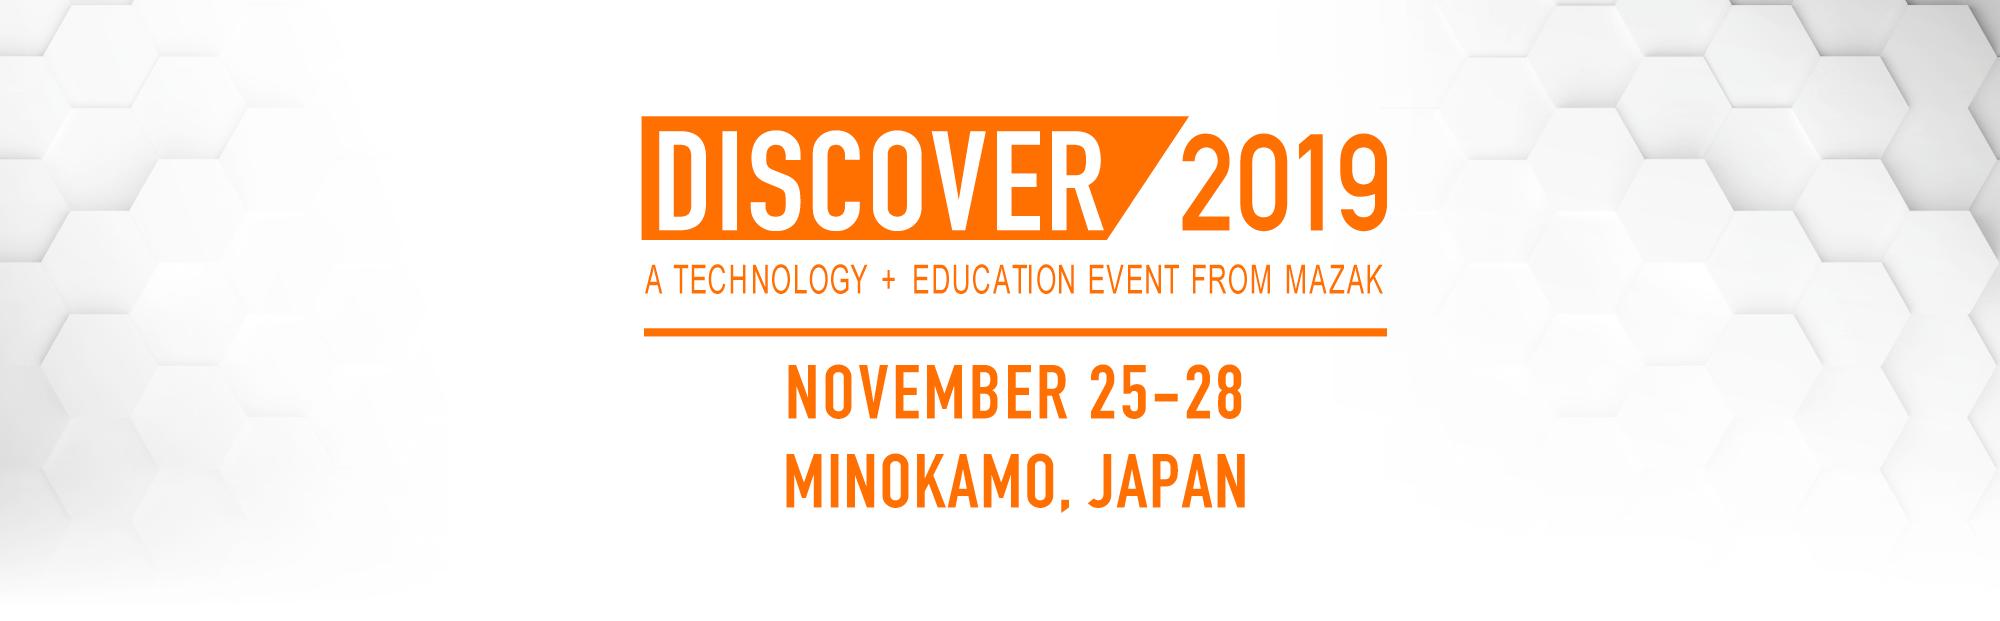 11月開催「ヤマザキマザック DISCOVER 2019」展示会開催のお知らせ